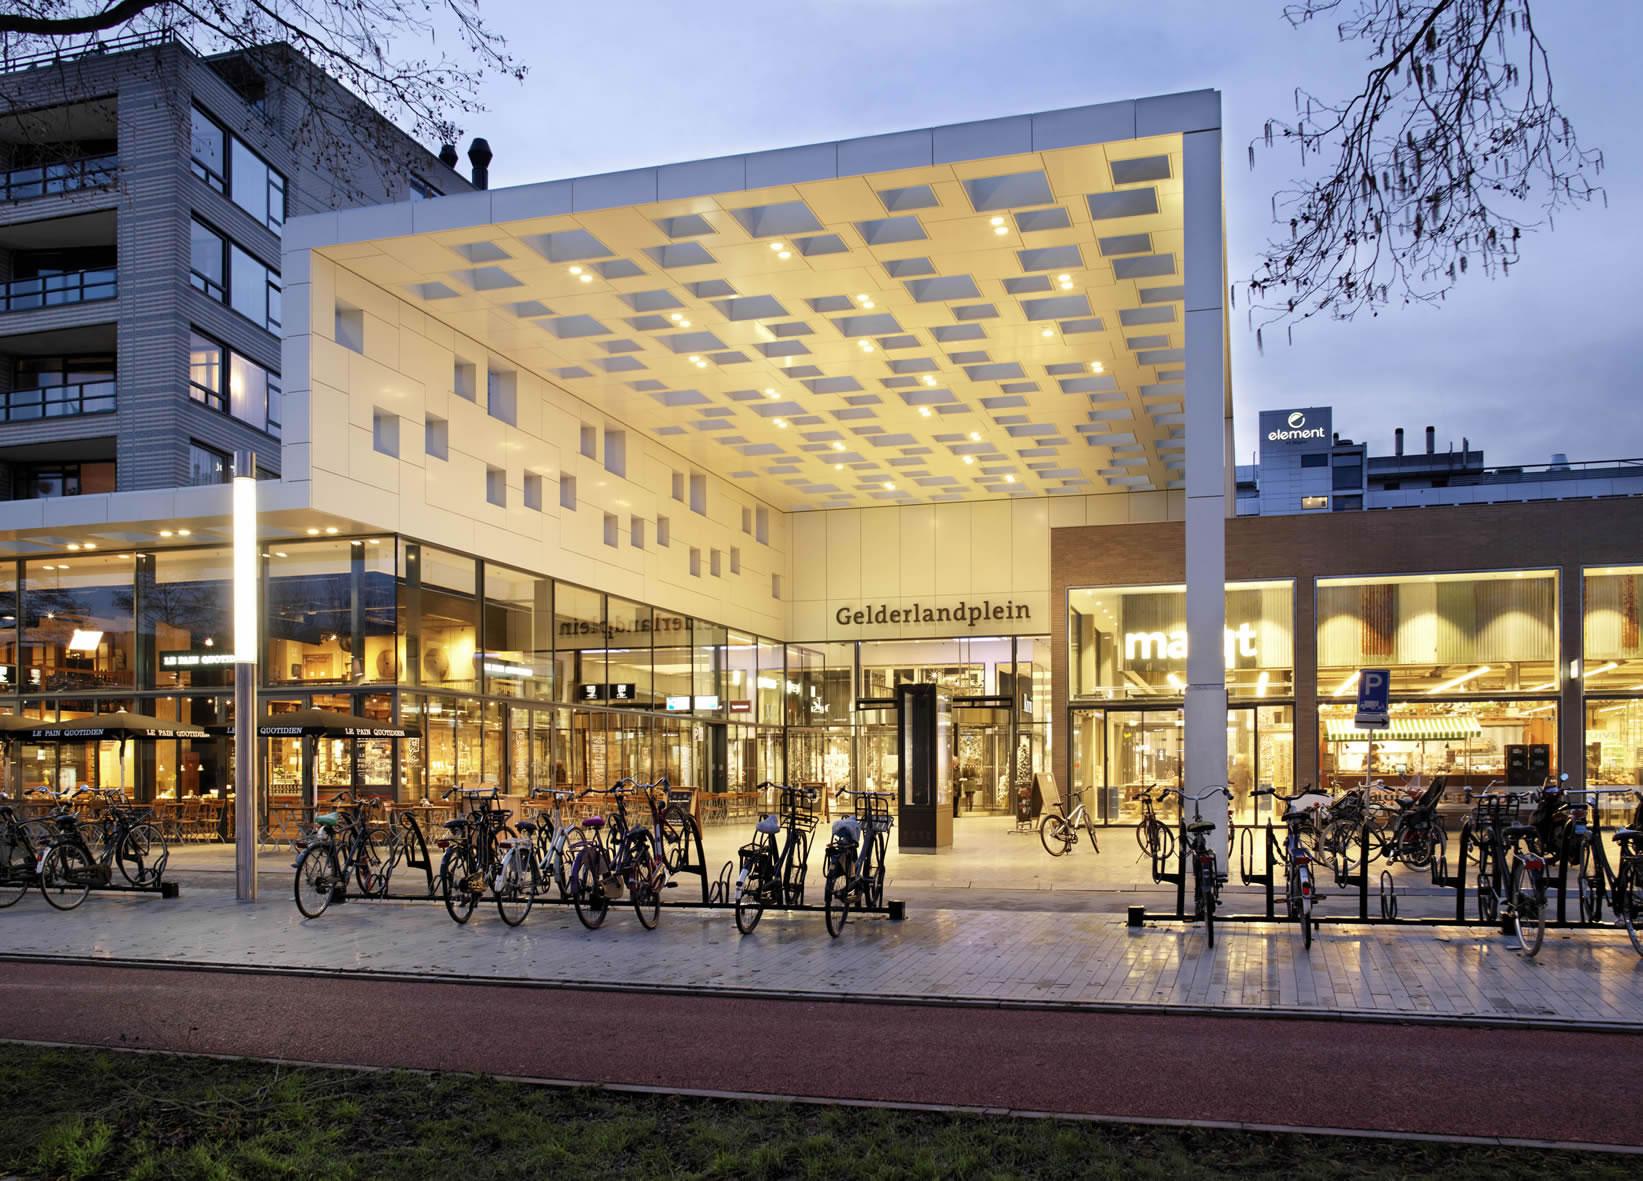 centro-comercial-gelderlandplein-nl-2